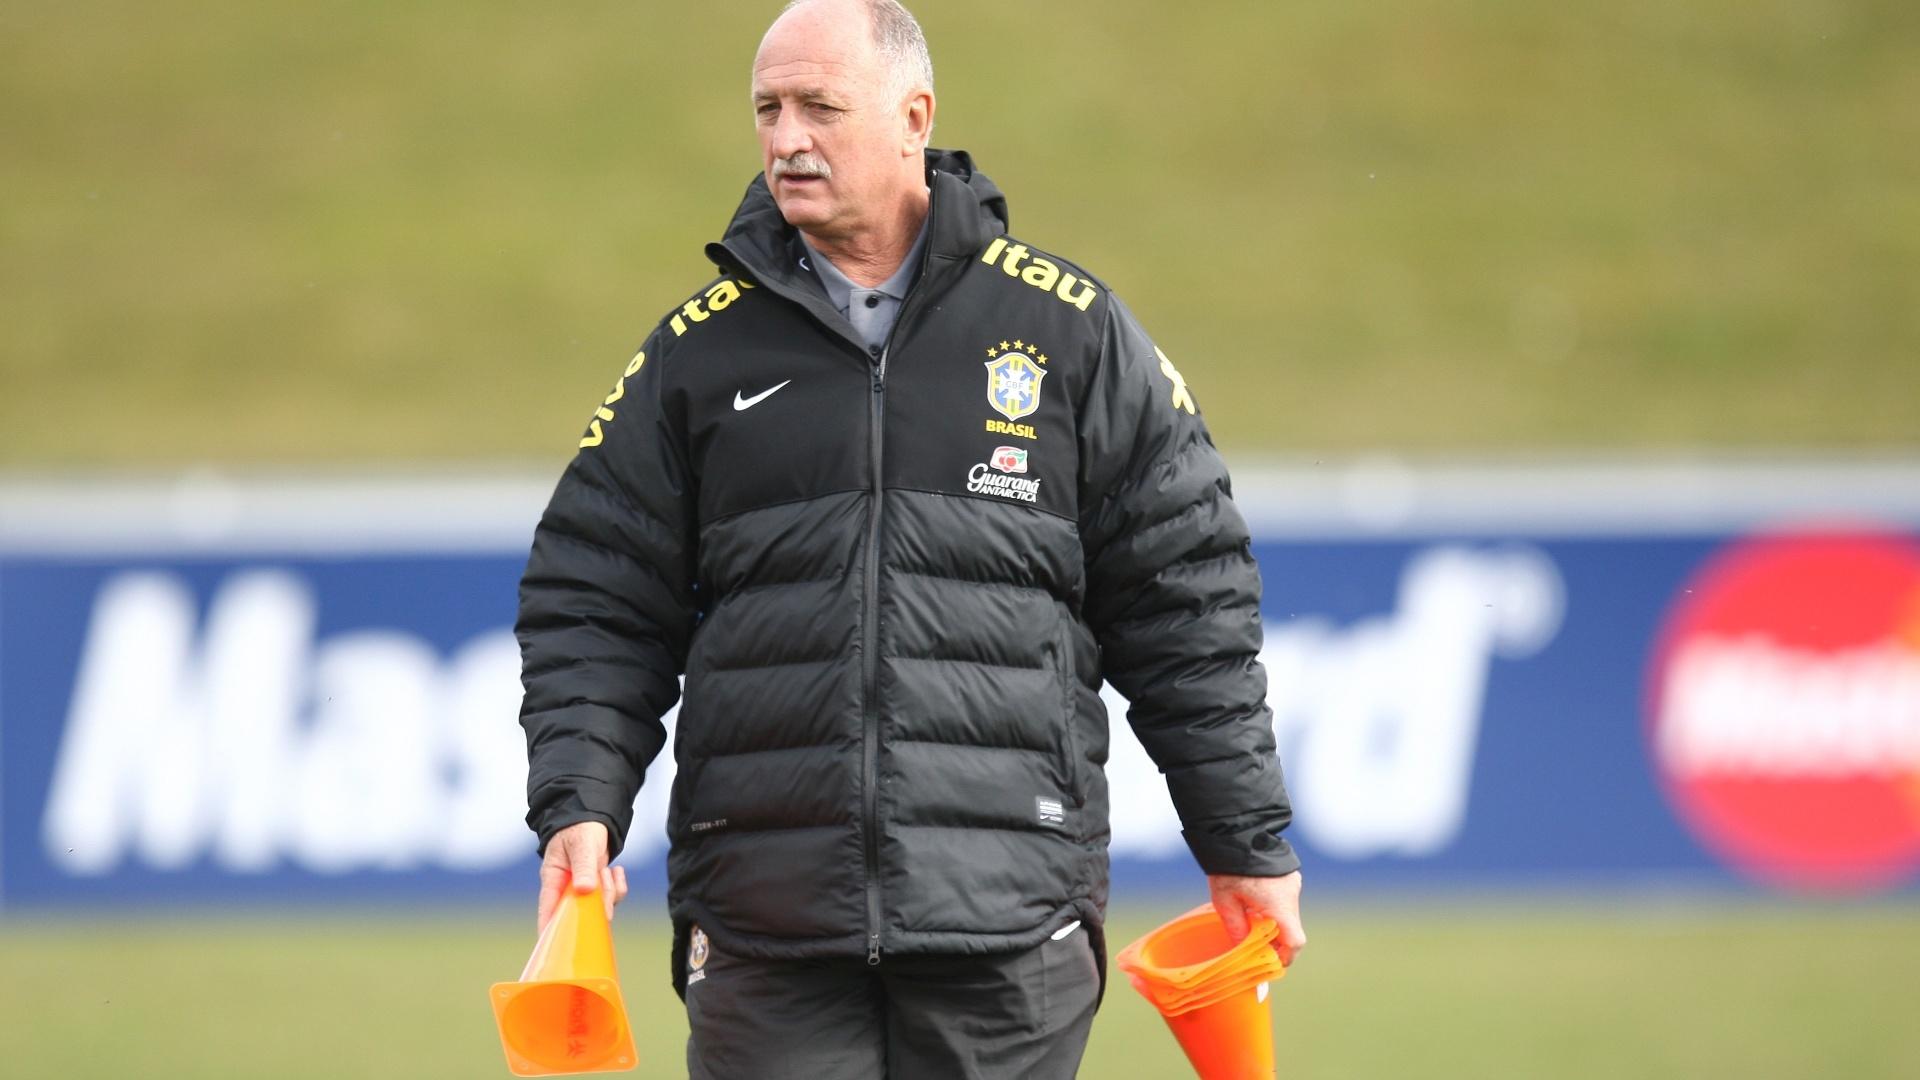 20.mar.2013 - O técnico Luiz Felipe Scolari comanda treino da seleção brasileira nesta quarta-feira em Genebra, na Suíça